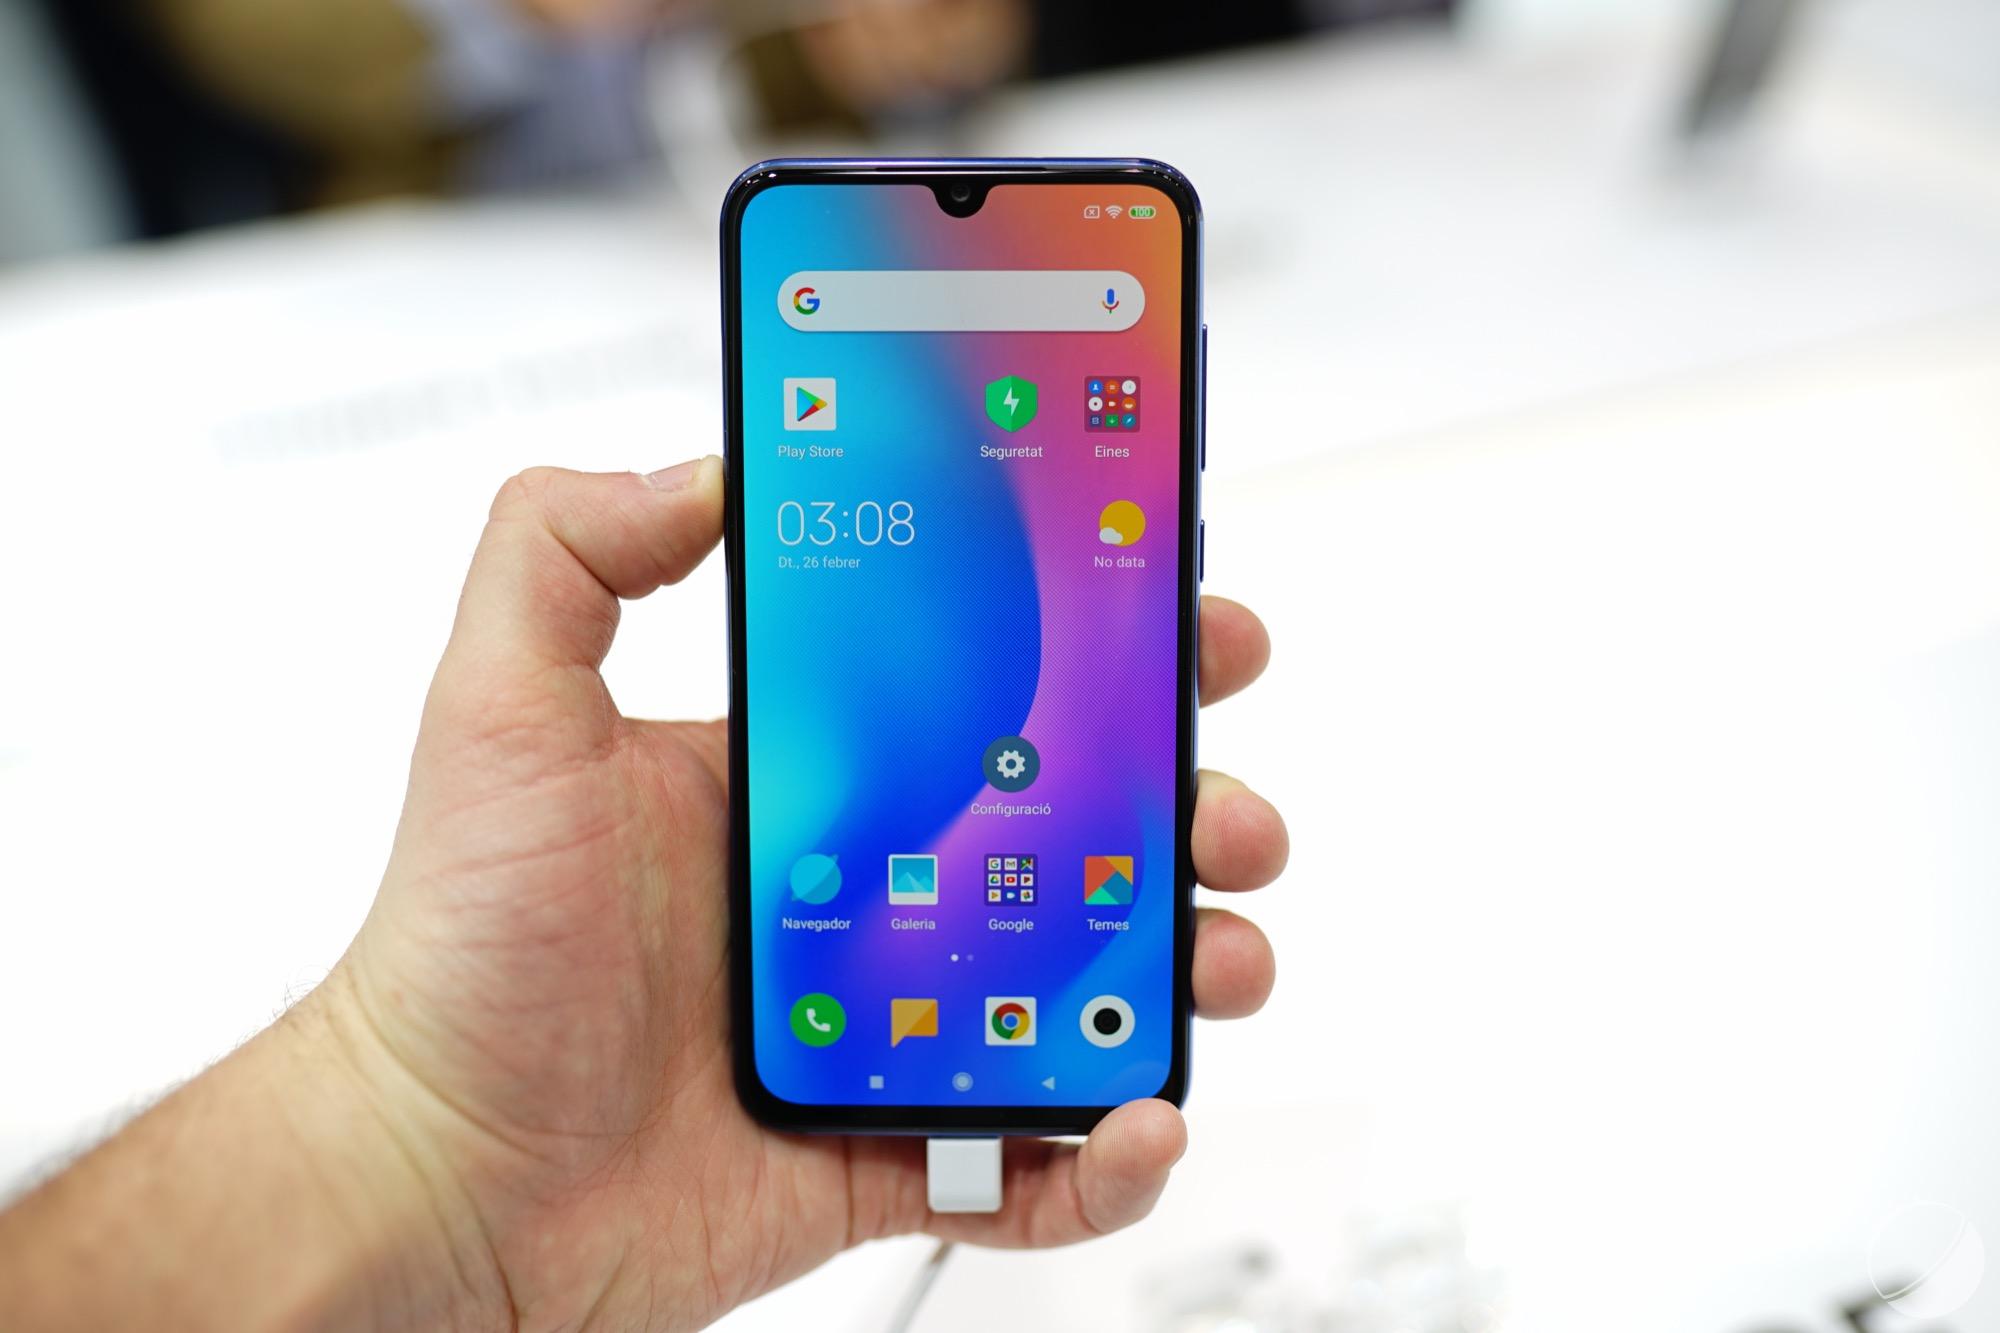 Le Xiaomi Mi 9 SE pourrait sortir prochainement en Europe et en France